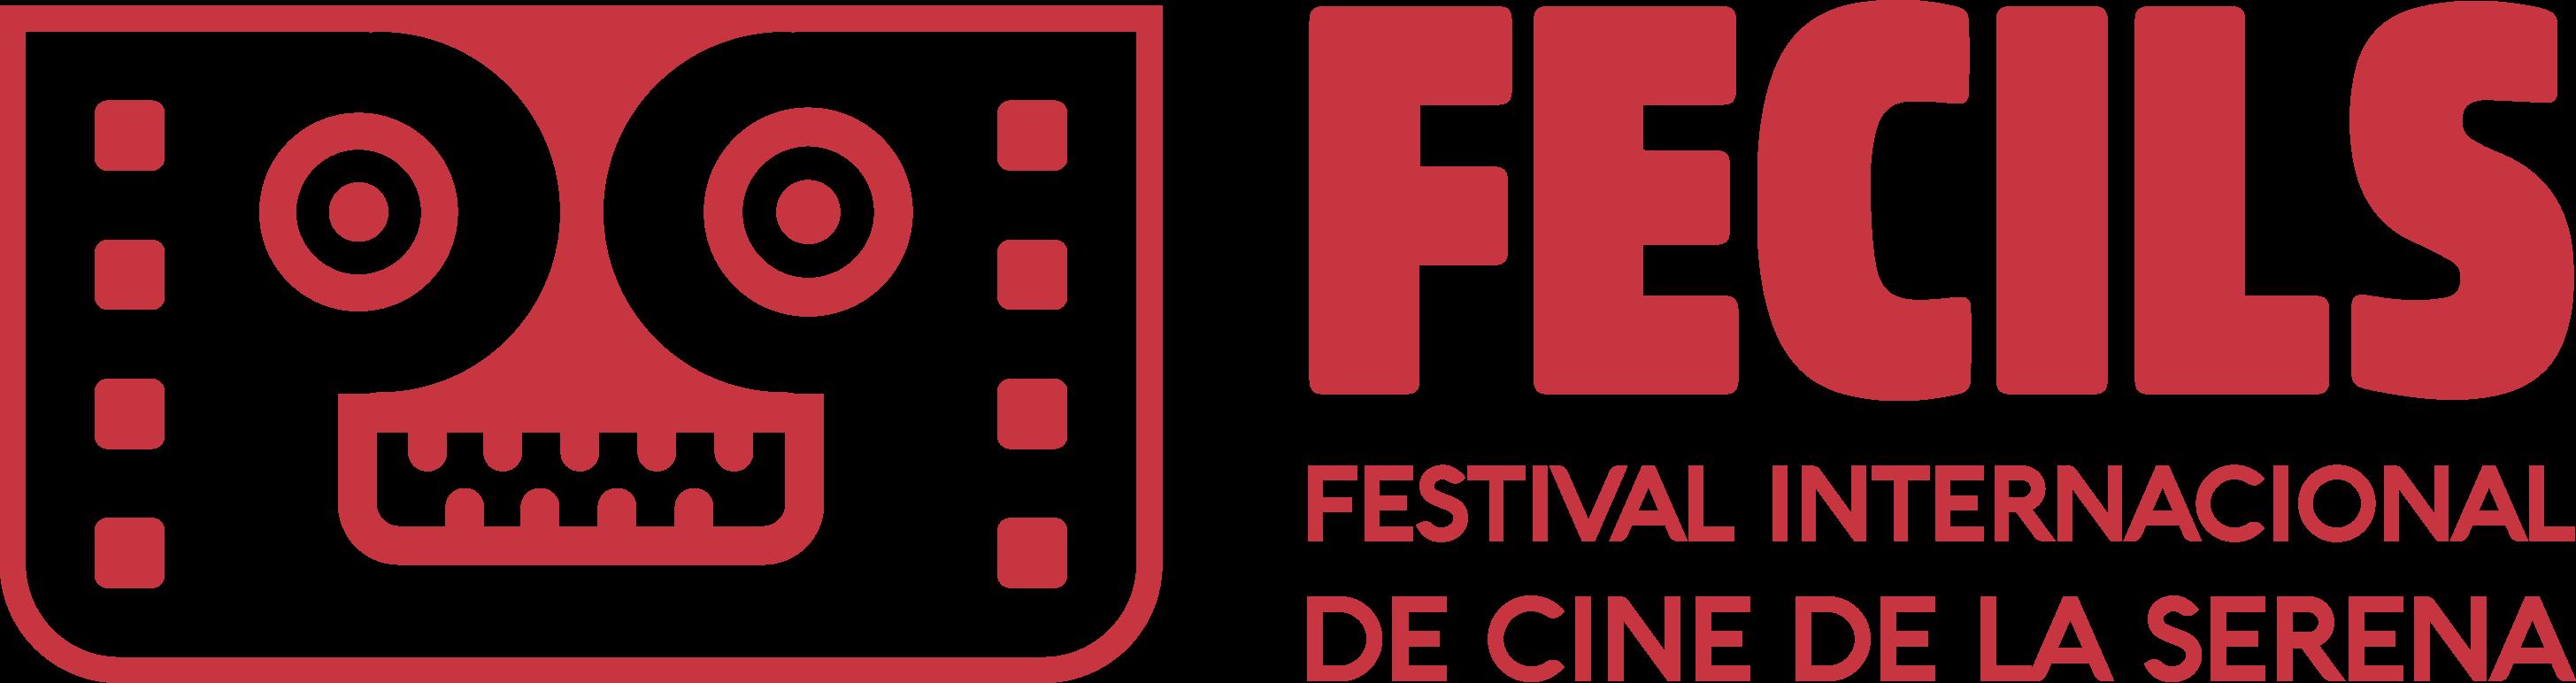 Logo Fecils 2018-01